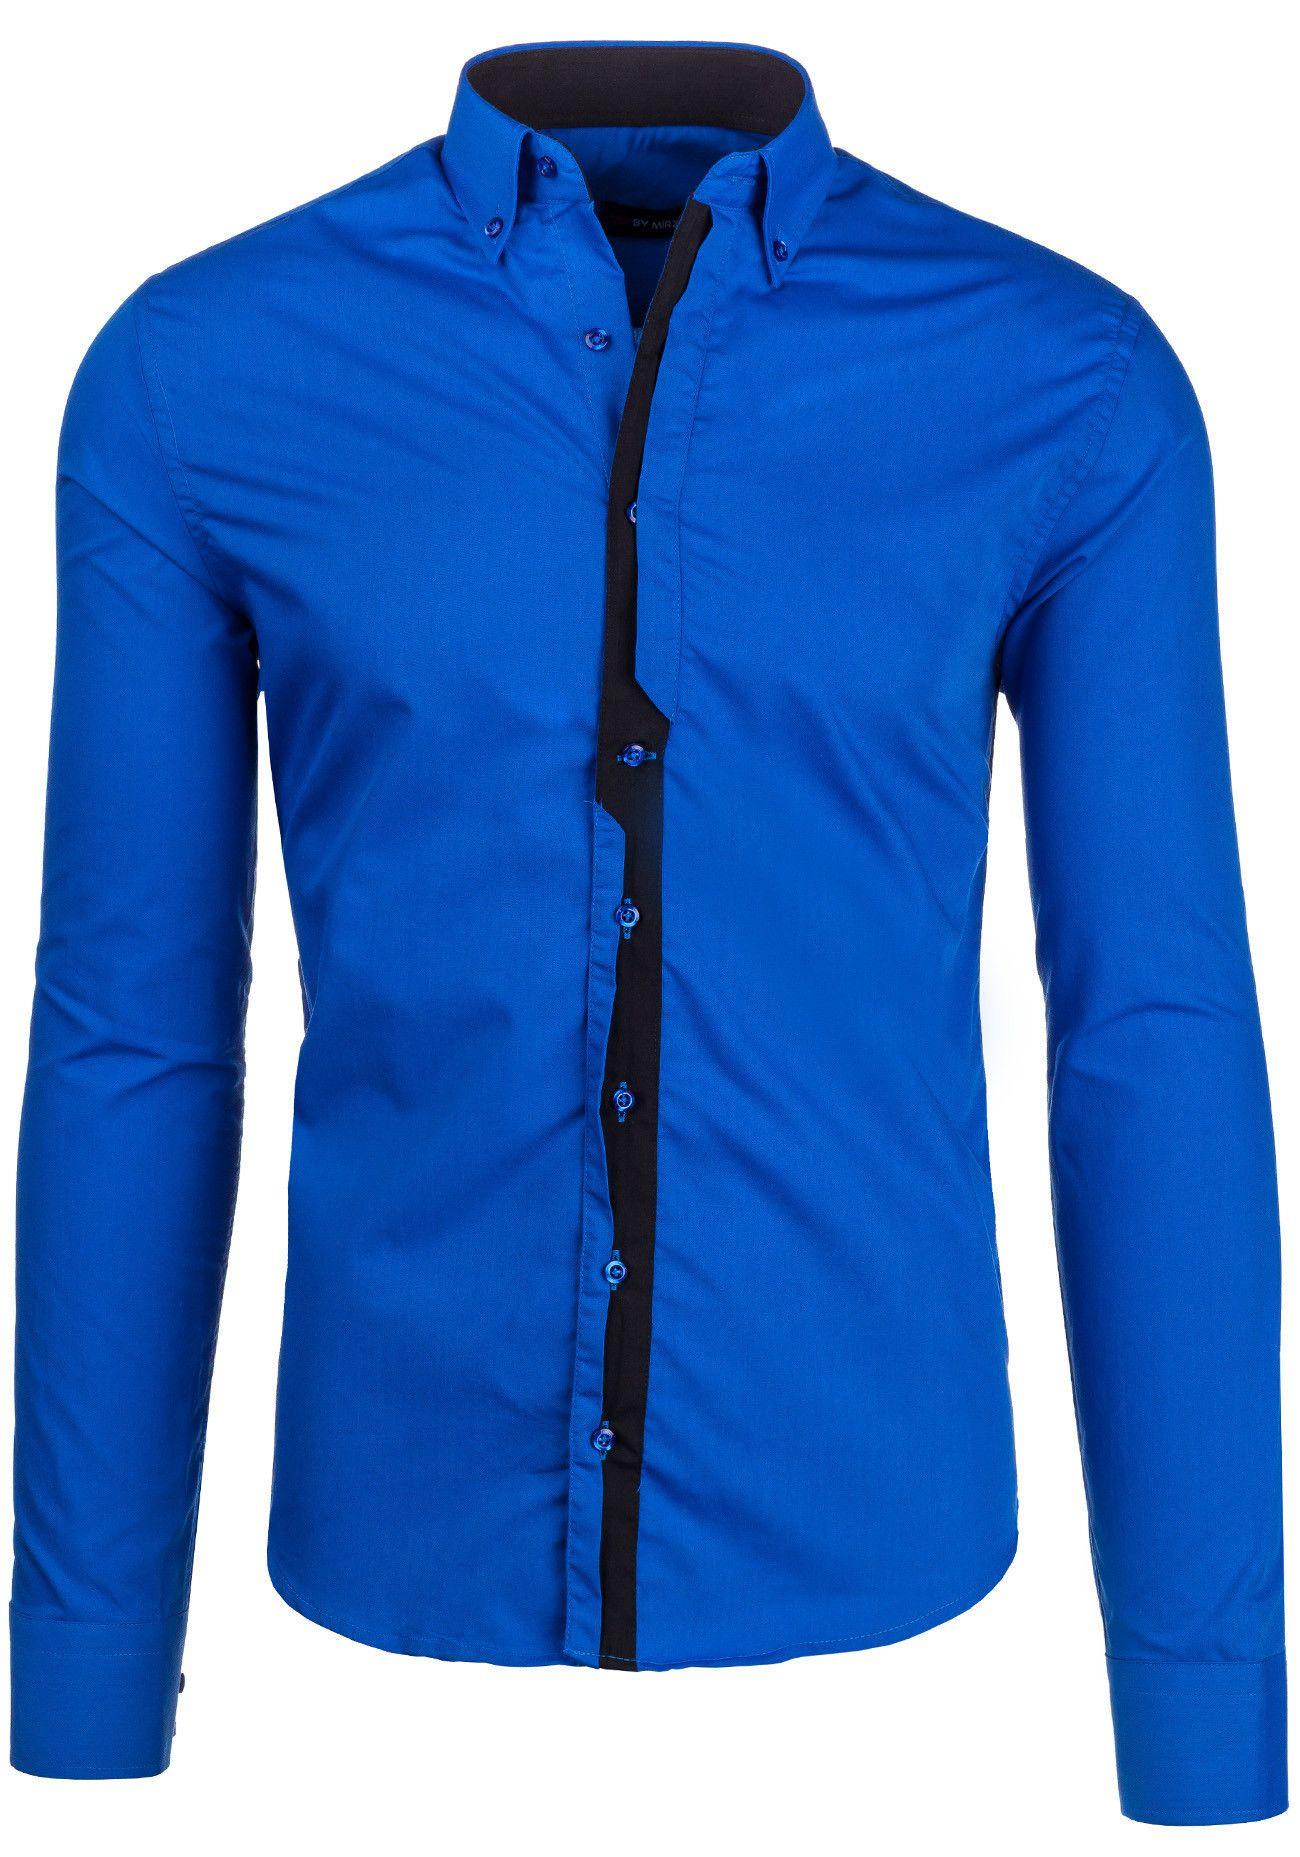 e1b927921d Koszula męska BY MIRZAD 5745 niebiesko-czarna NIEBIESKO-CZARNY ...